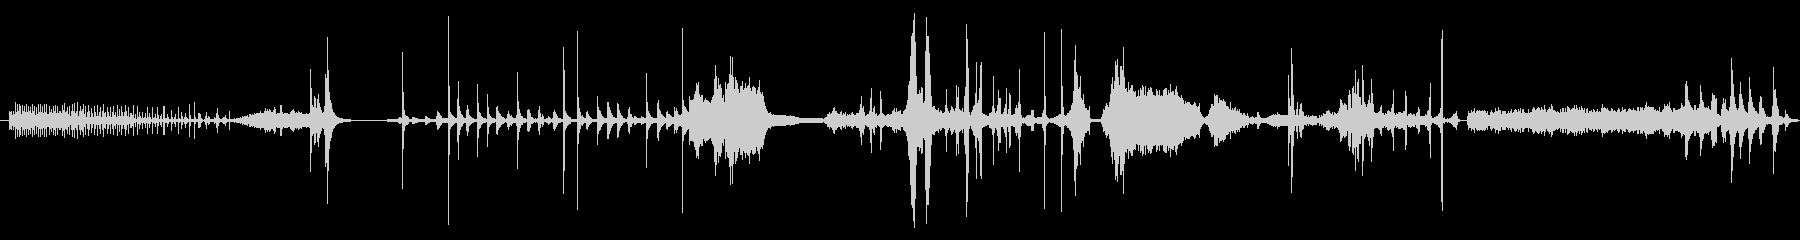 トランスフォーマーロボット:小:変...の未再生の波形